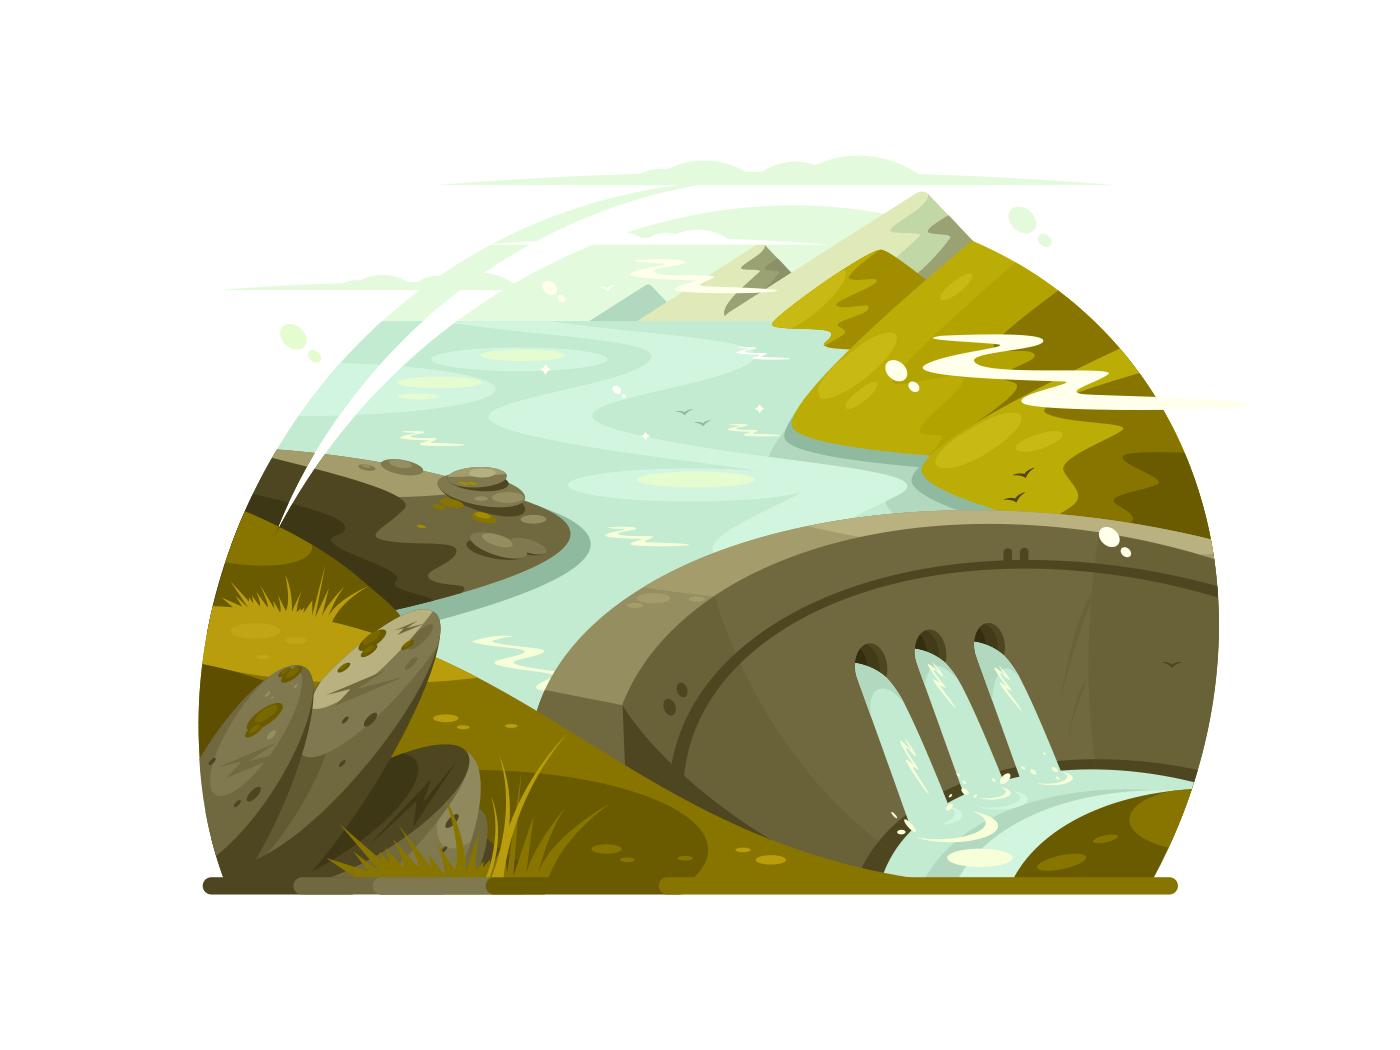 River huge dam illustration